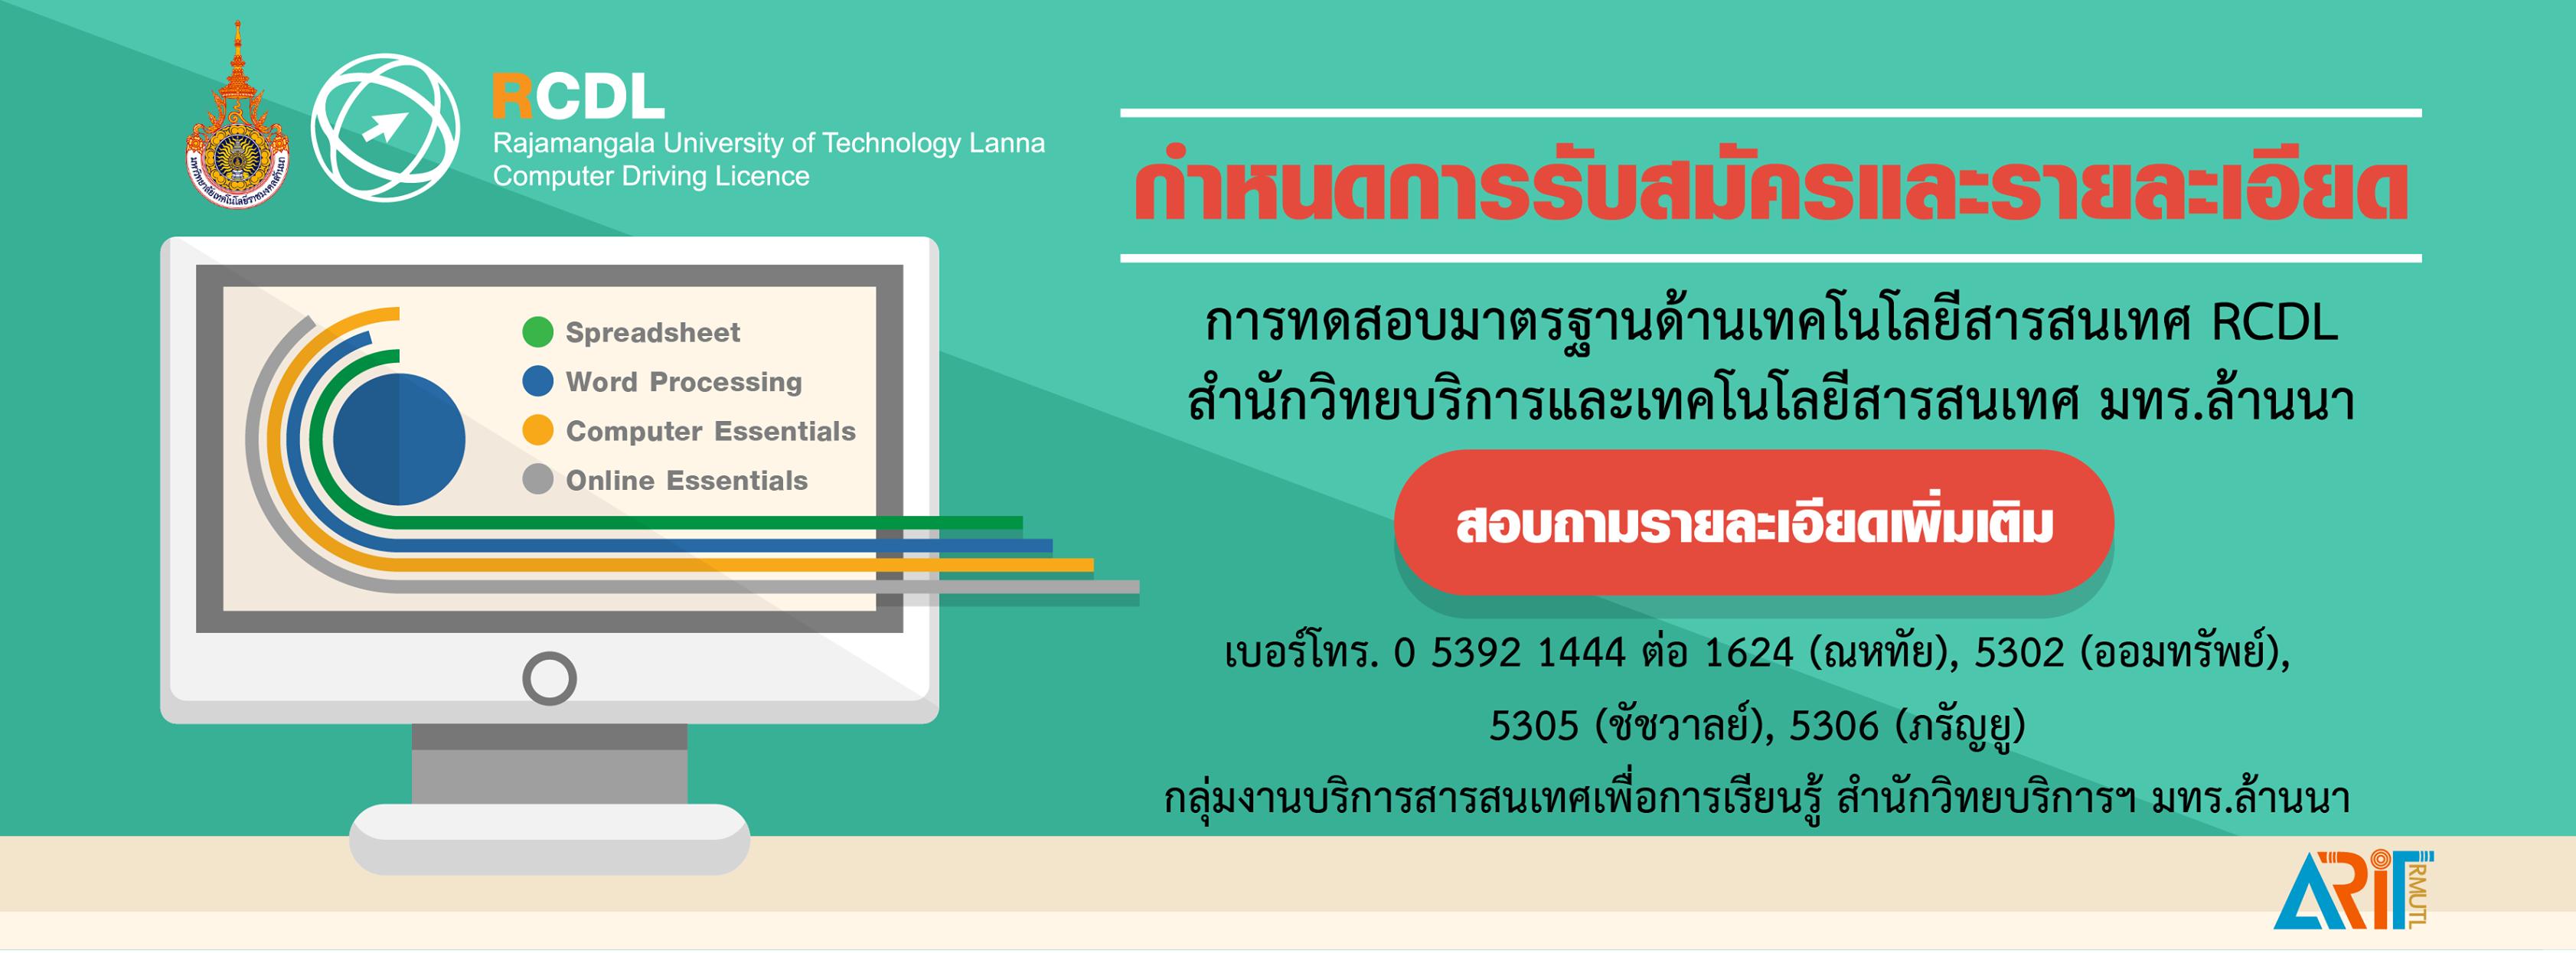 การทดสอบมาตรฐานด้านเทคโนโลยีสารสนเทศ RCDL รุ่นที่ 5 เดือนเมษายน 2560